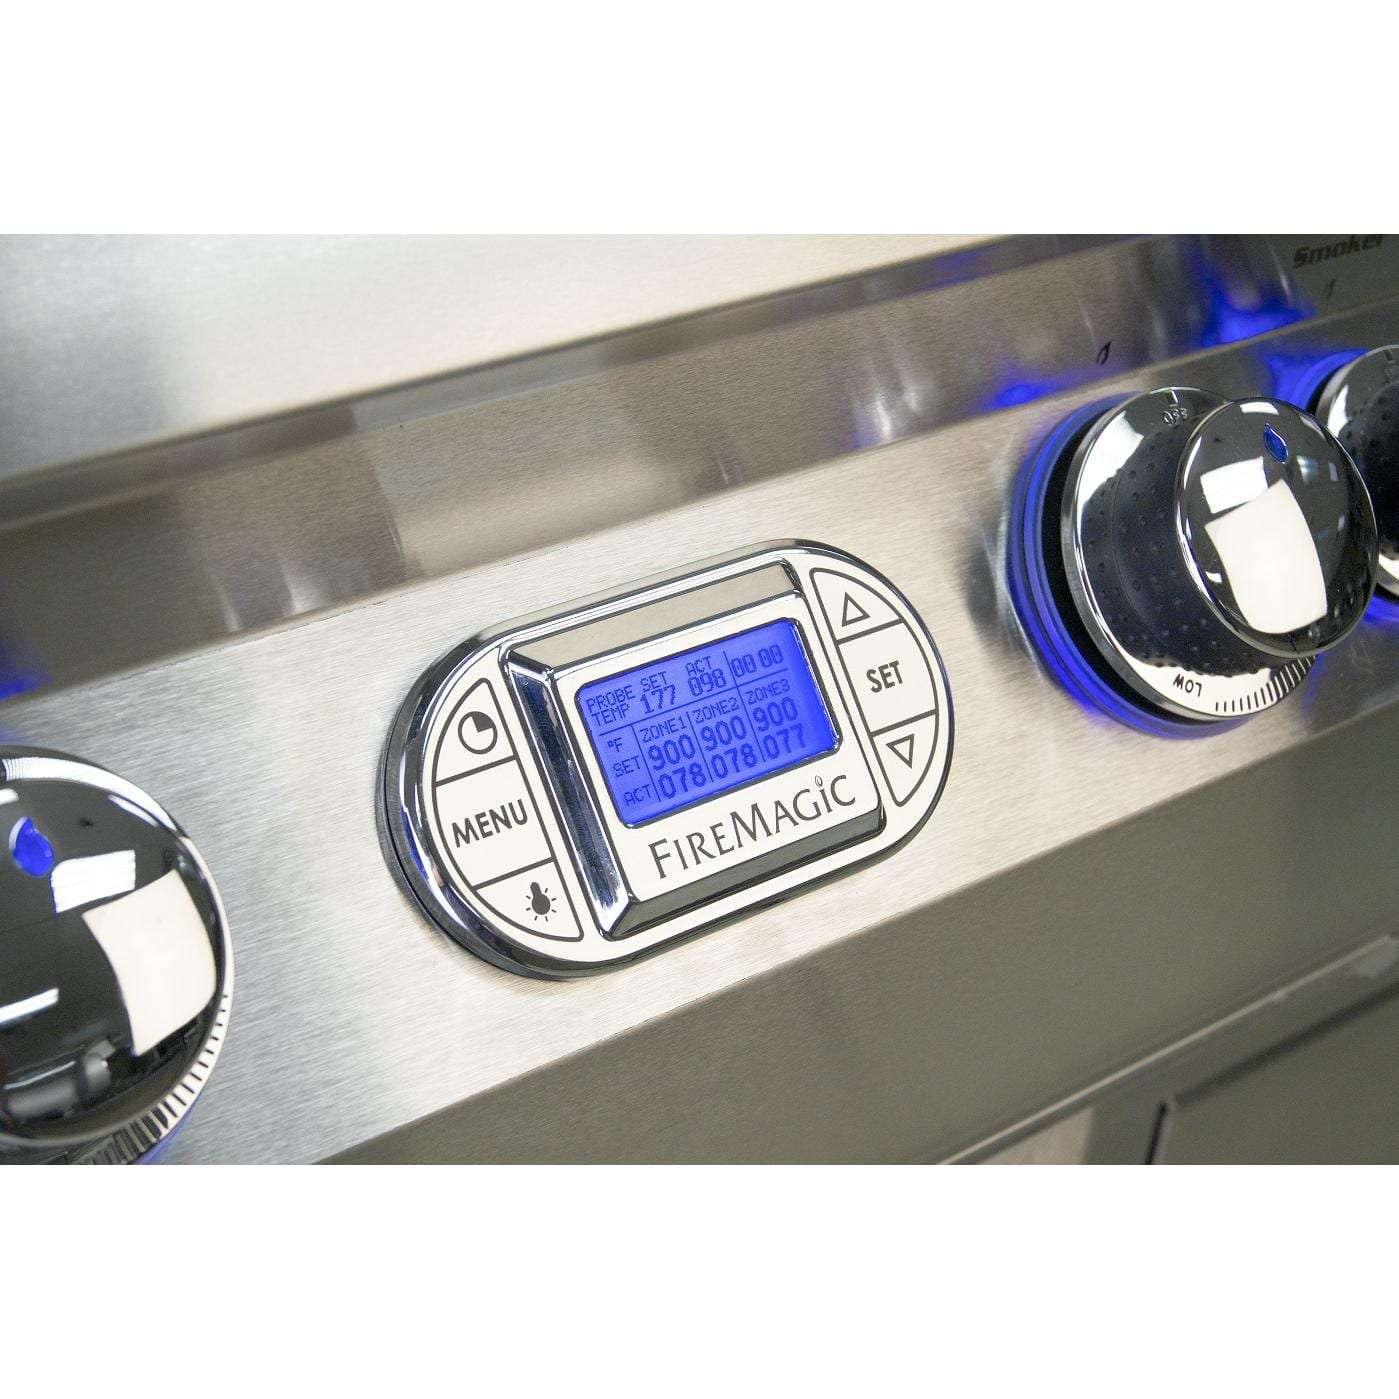 Fire Magic Echelon Diamond E1060s Gas Grill - Chrome Digital Thermometer